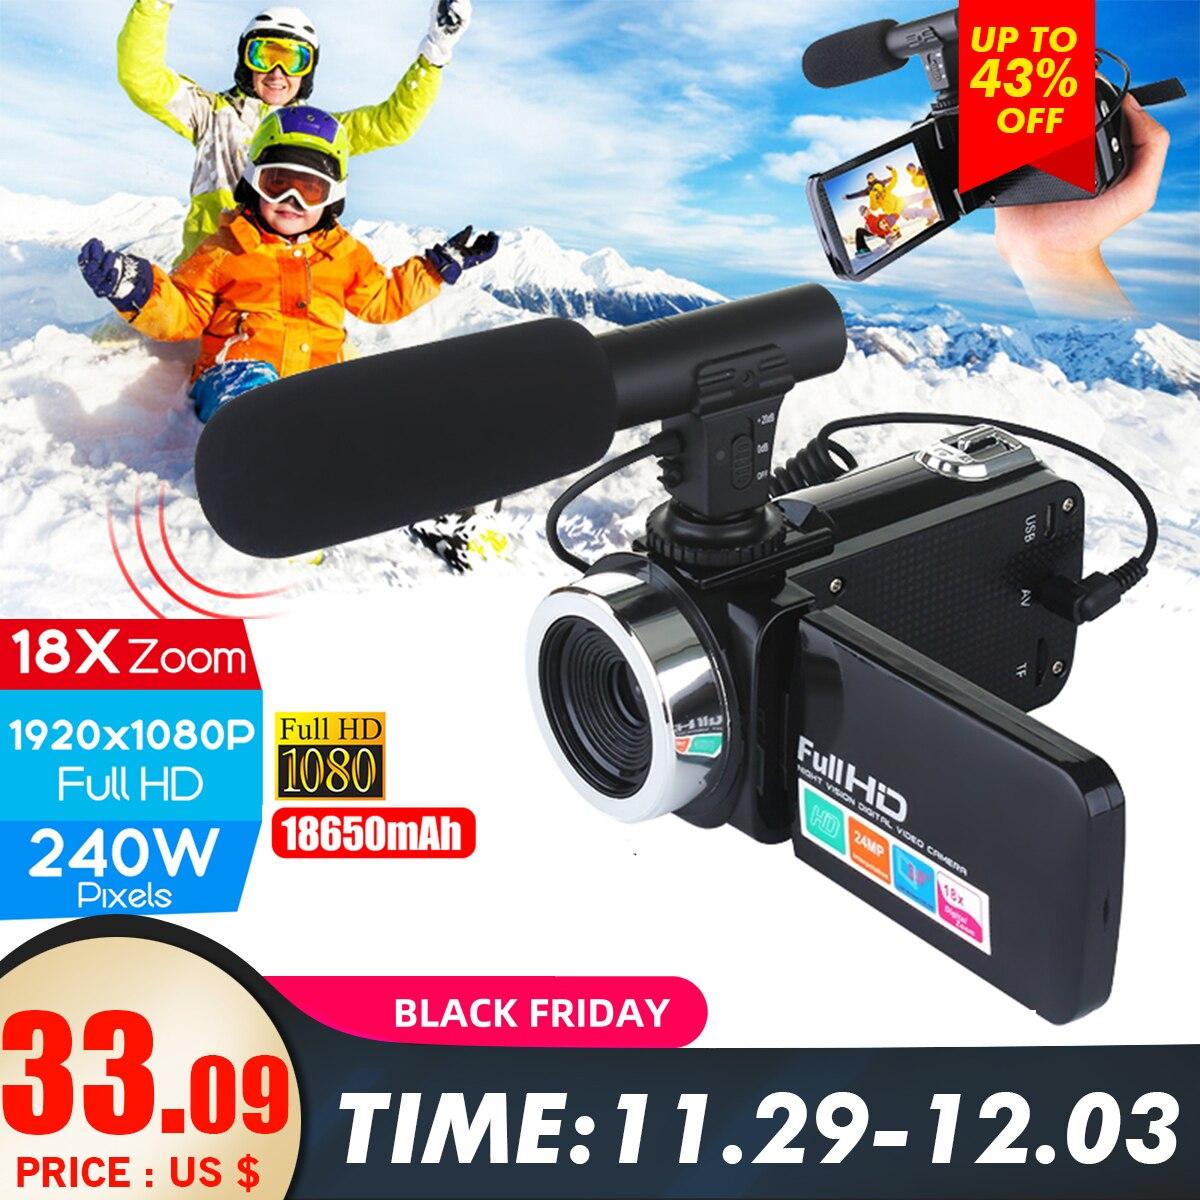 Video Cámara Videocámara 1080P 24MP 3''LCD pantalla táctil IR Visión Nocturna Micrófono